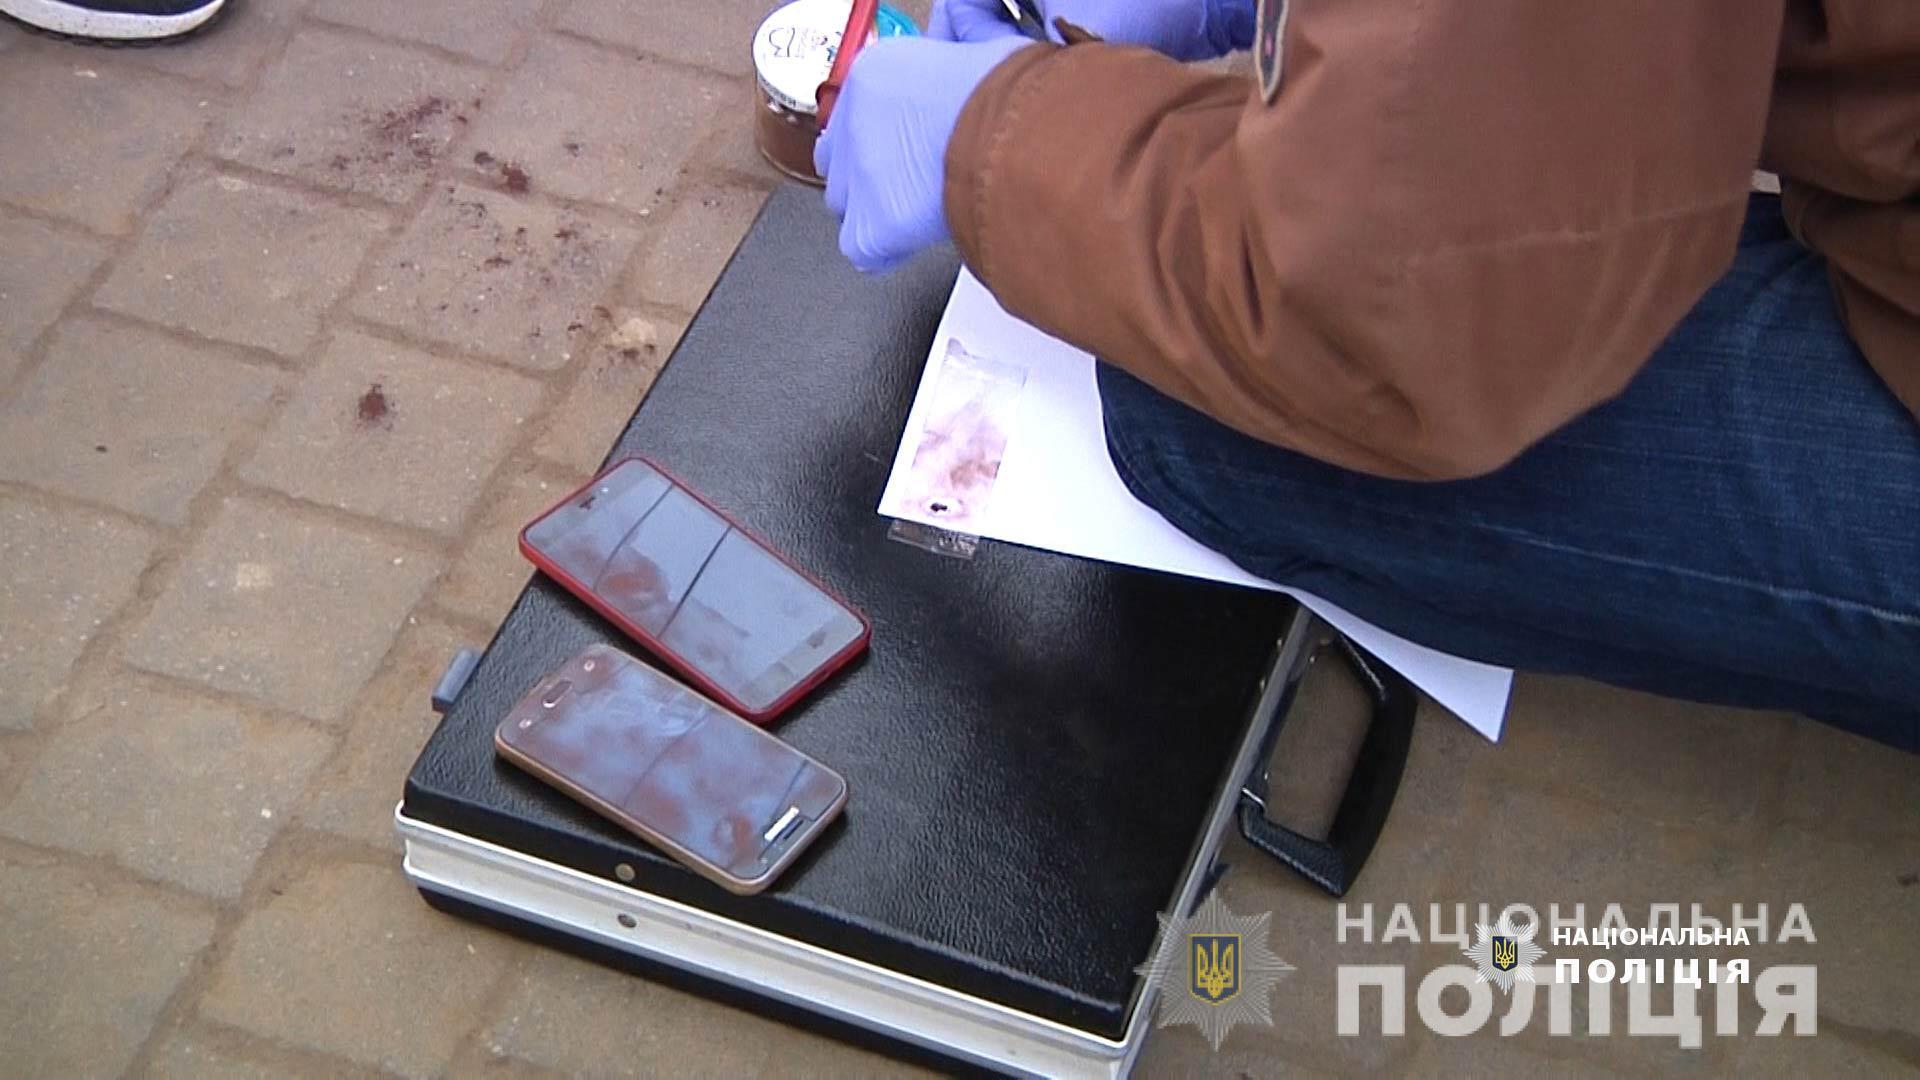 Пытались подойти вплотную: в Днепре задержали карманниц. Новости Днепра